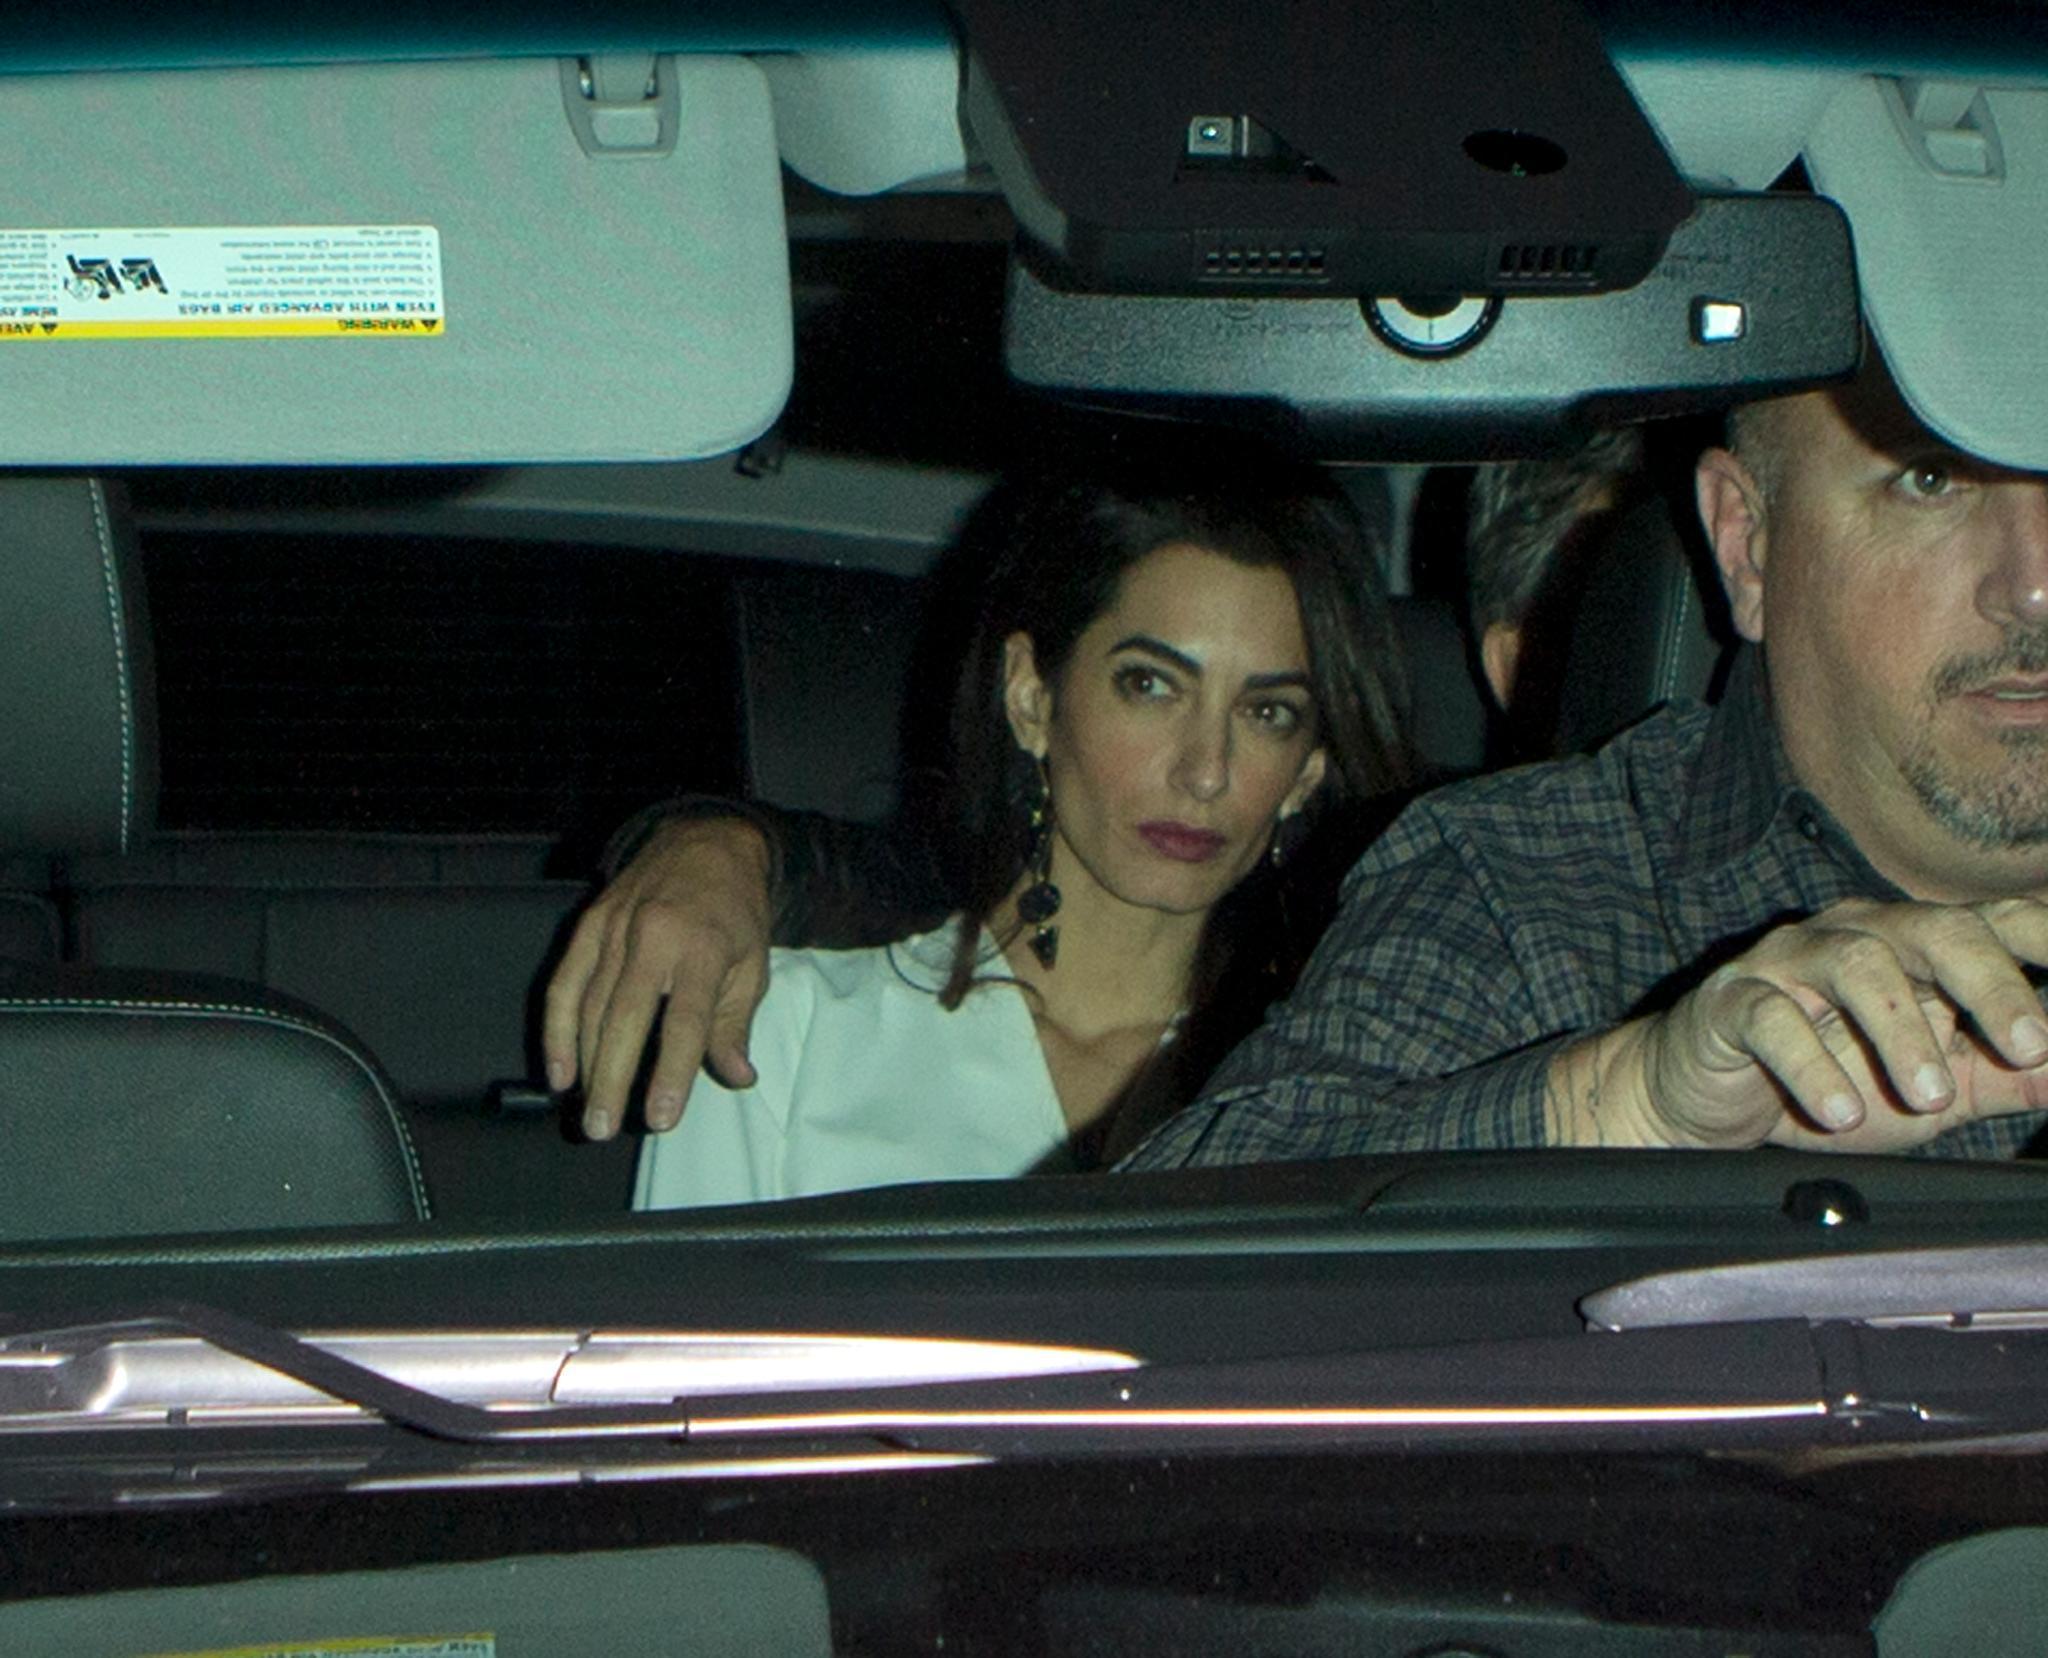 Während George Clooney die Nähe zu seiner Ehefrau und seinen Arm behutsam um Amal legt, wirkt diese auf der Rücksitzbank eher muffelig statt kuschelig.